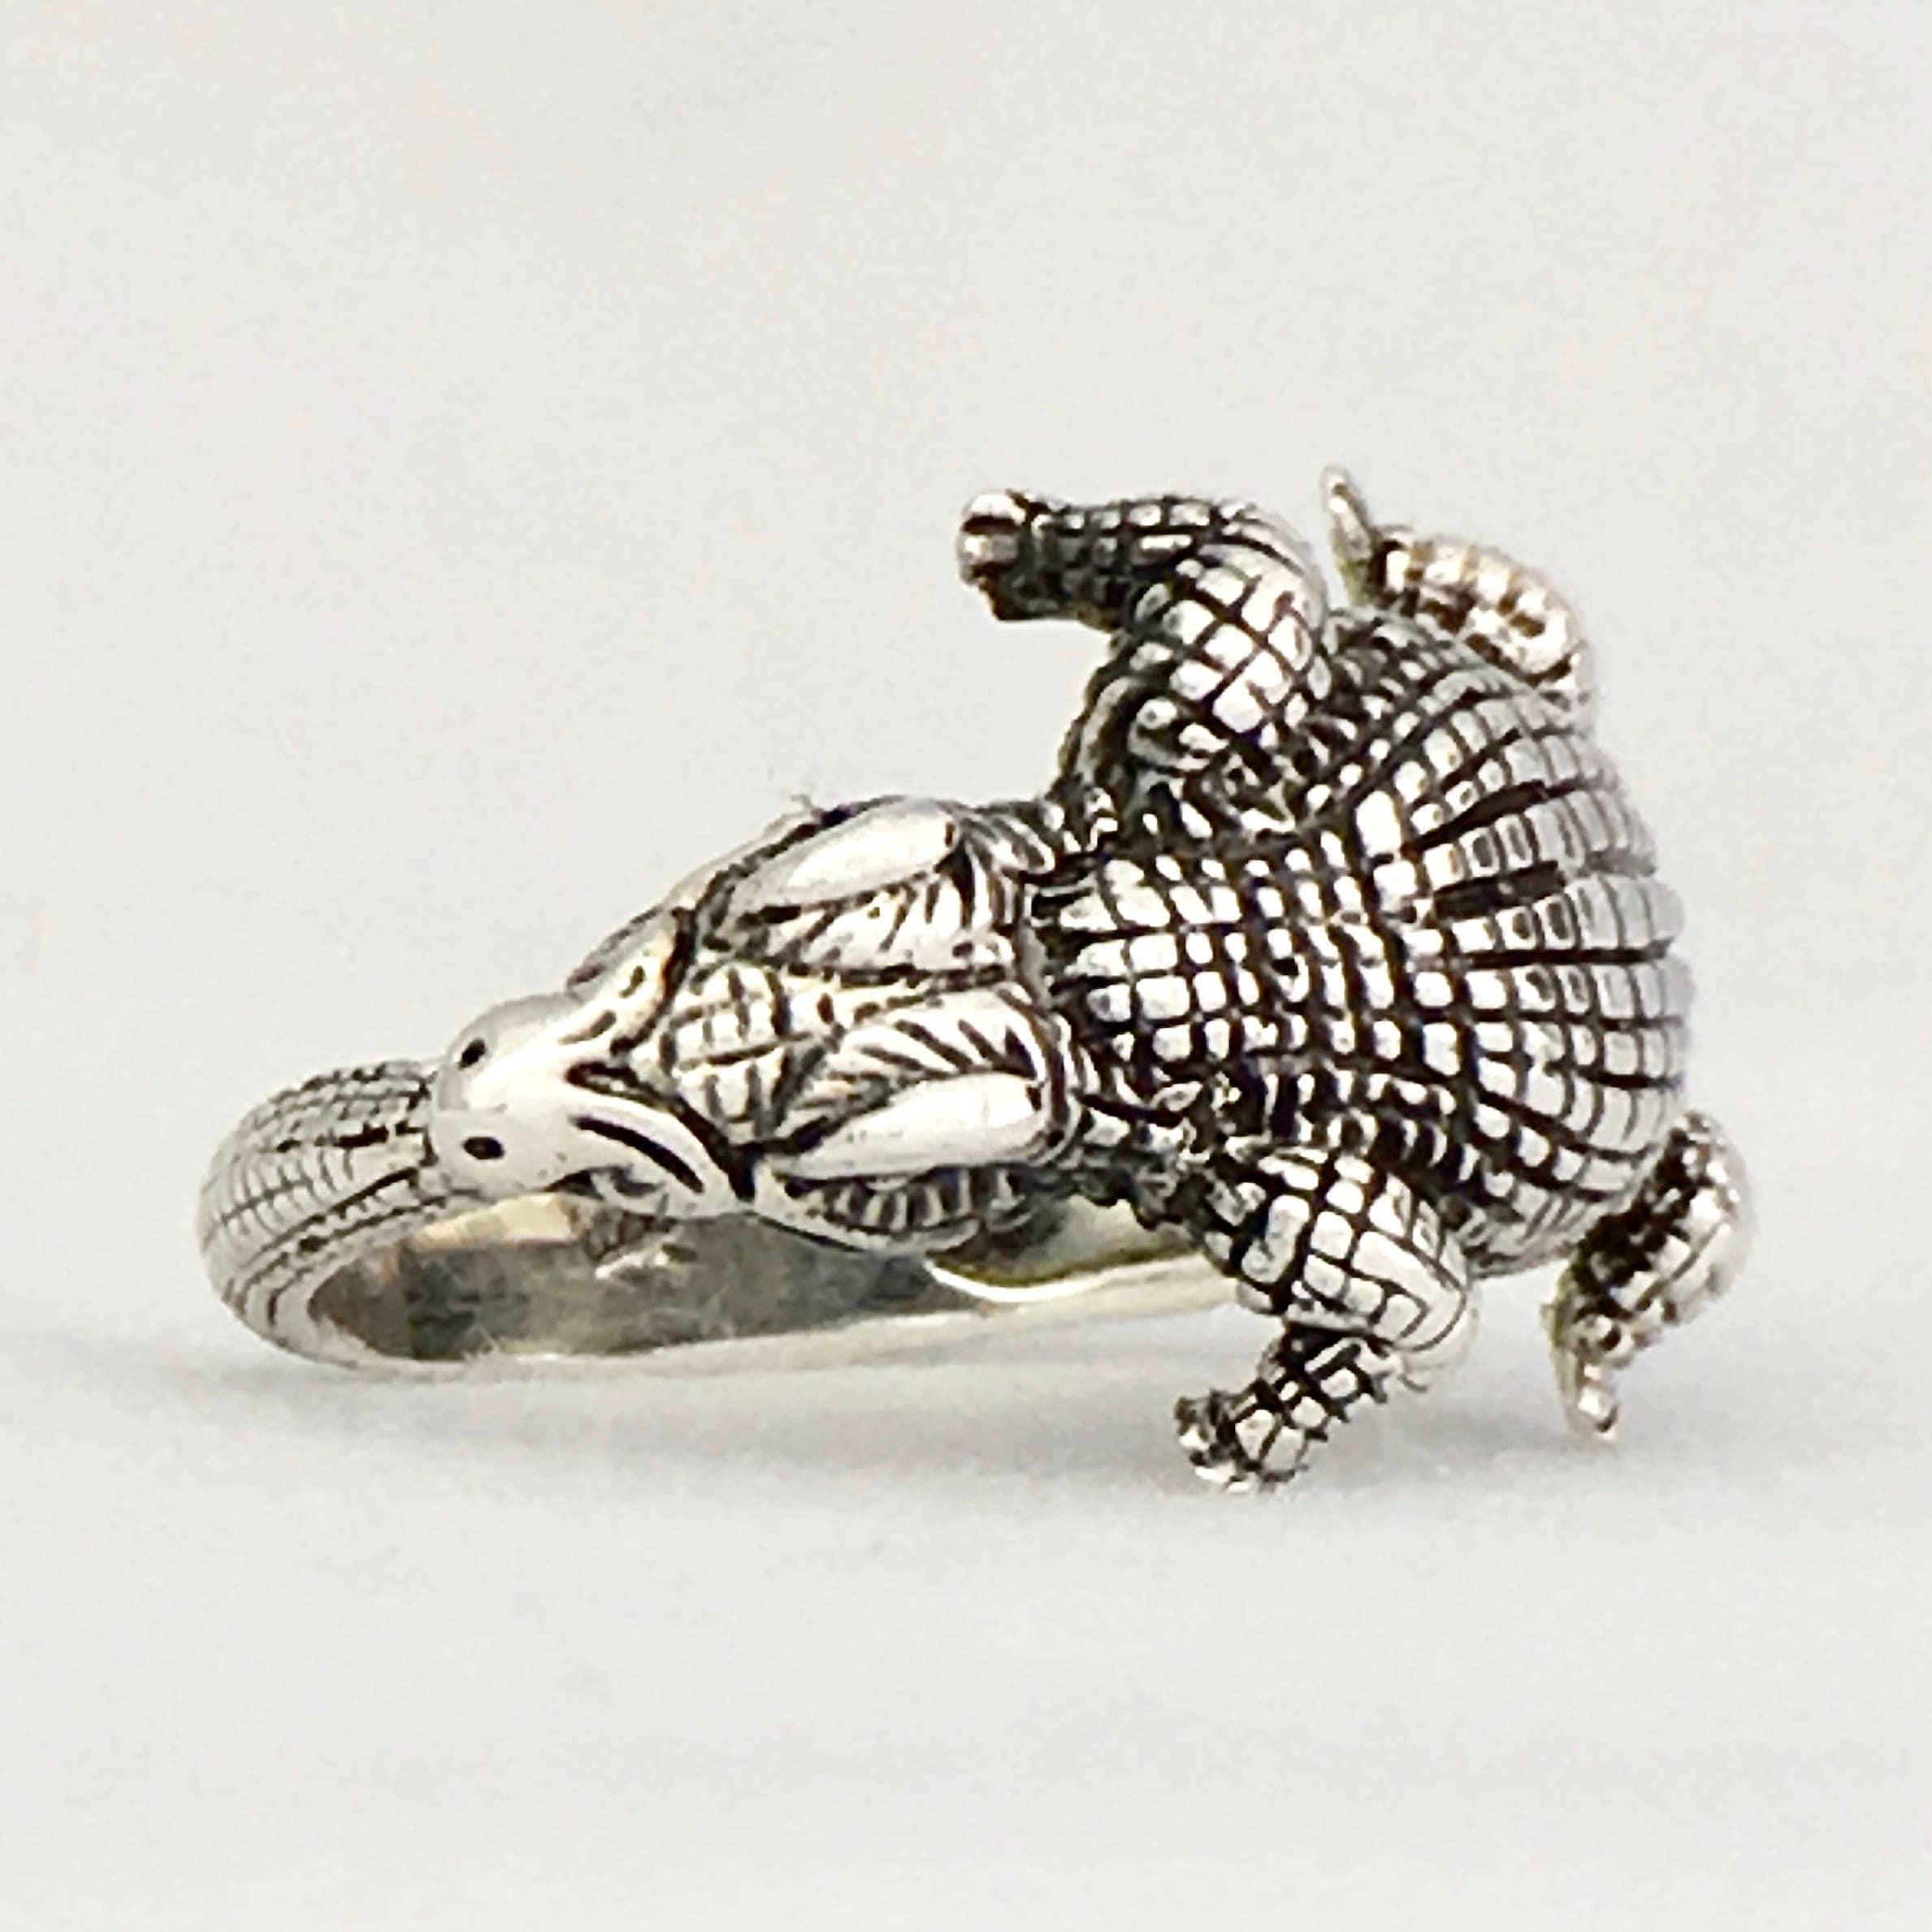 ZIPAKTLI Kaiman Krokodil verstellbarer Ring